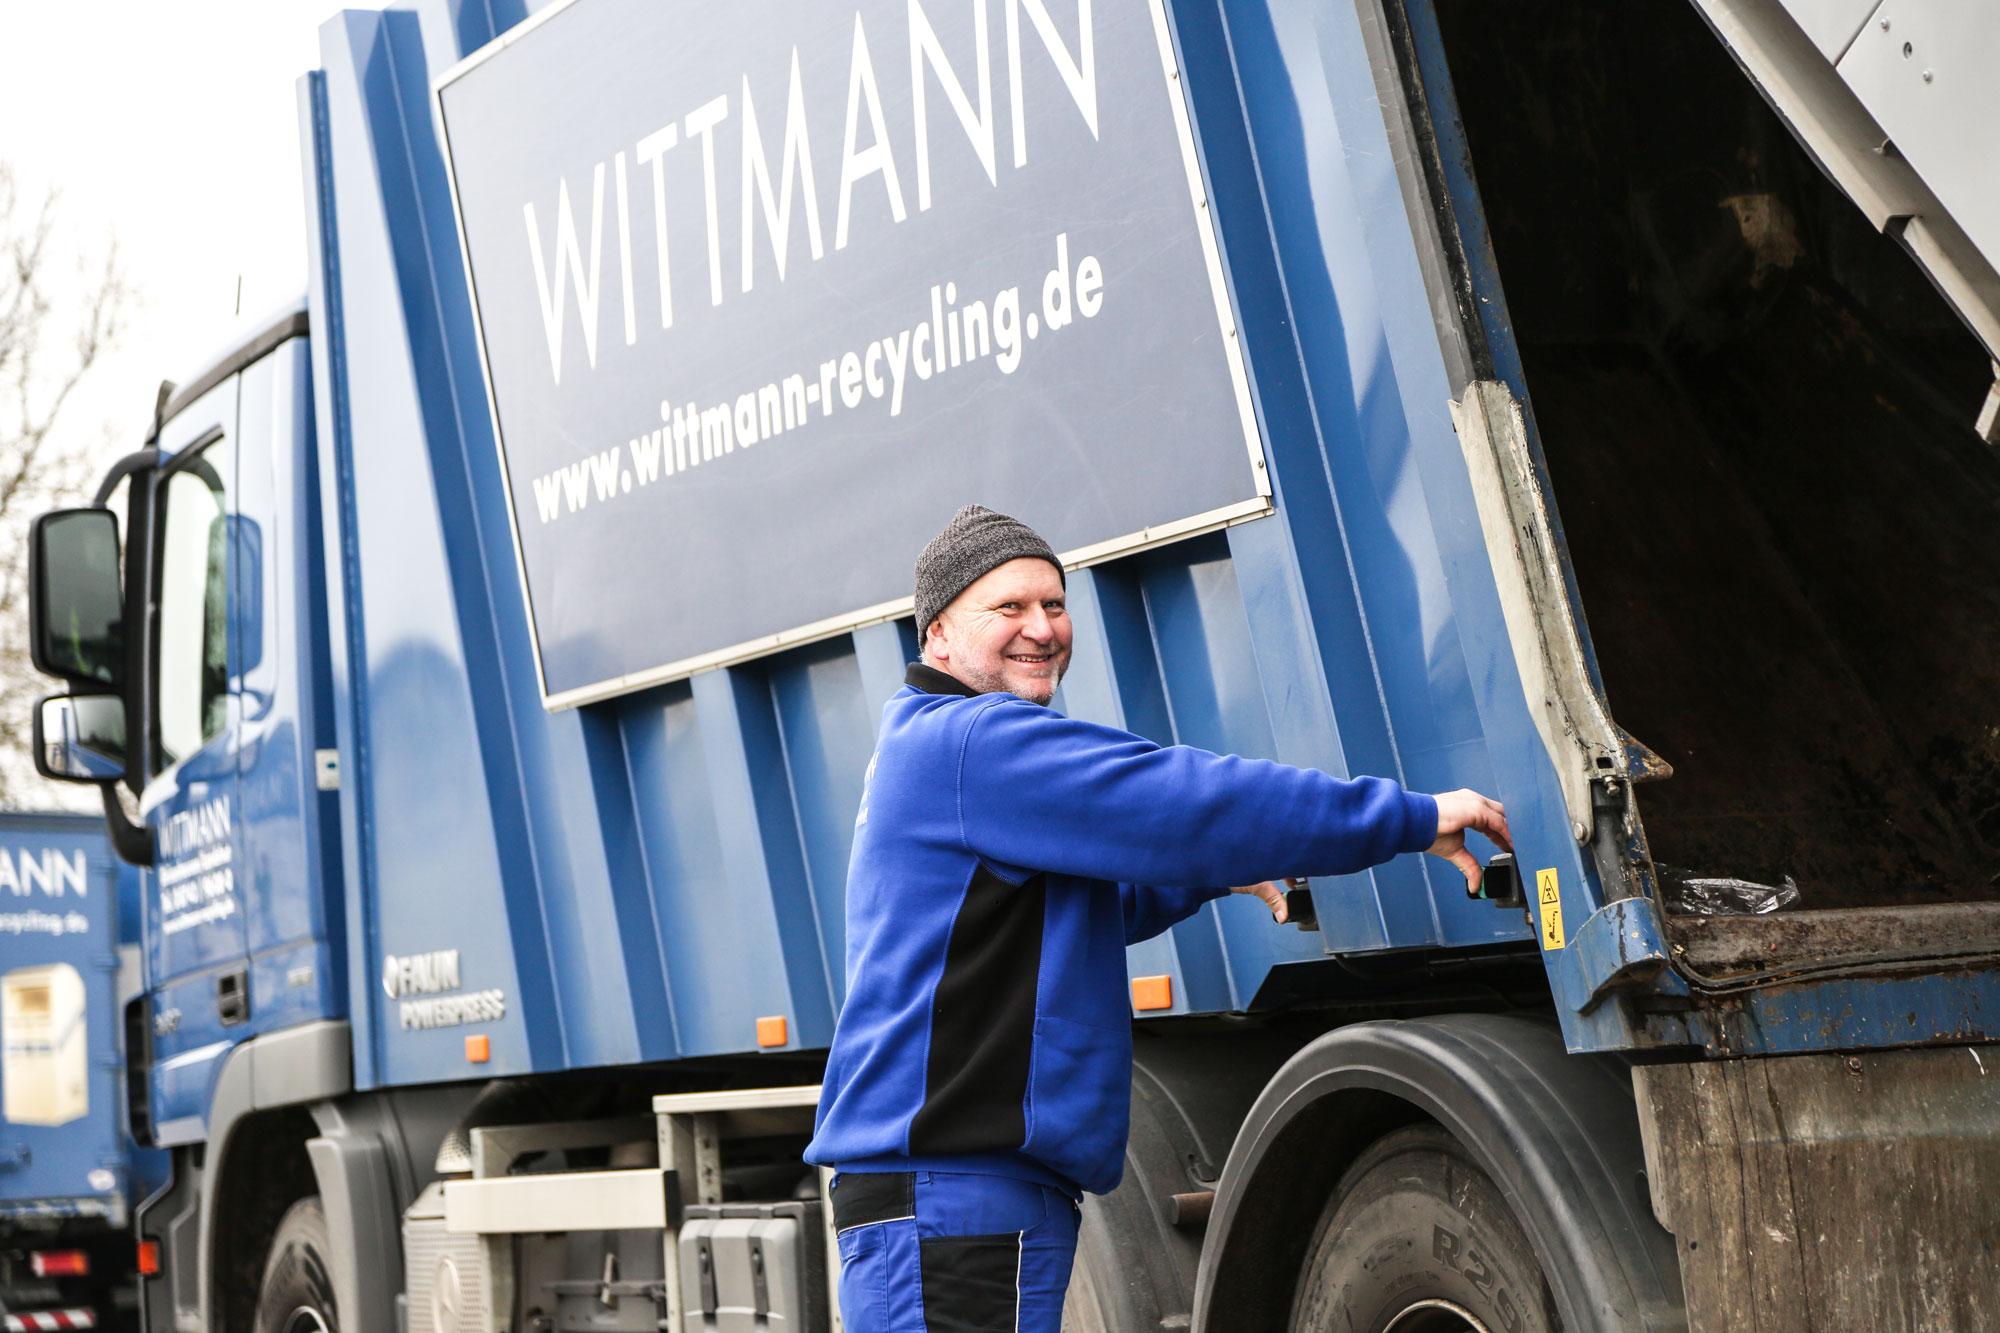 Wittmann Recycling Mitarbeiter entlädt einen LKW